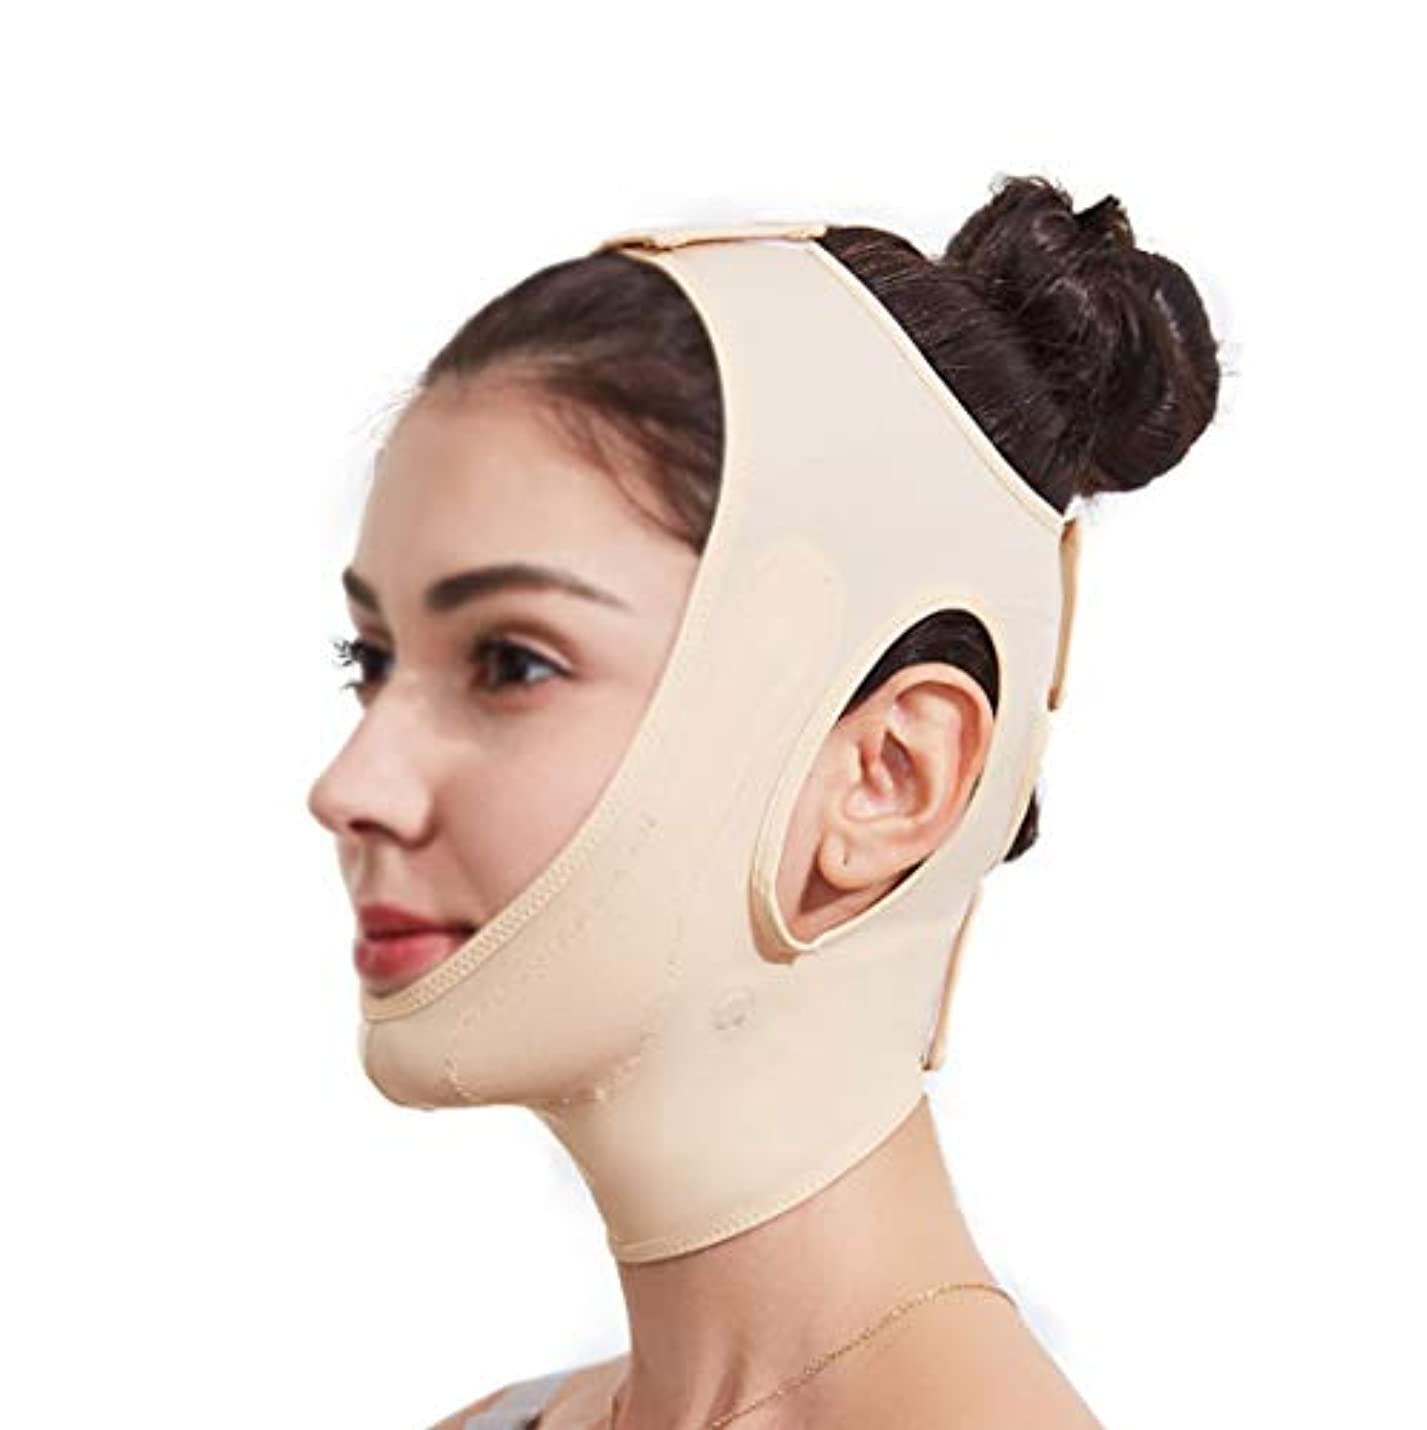 ジェームズダイソンノミネートフルーティーMLX フェイスリフティングマスク、360°オールラウンドリフティングフェイシャルコンター、あごを閉じて肌を引き締め、快適でフェイスライトと通気性をサポート (Color : Skin color)